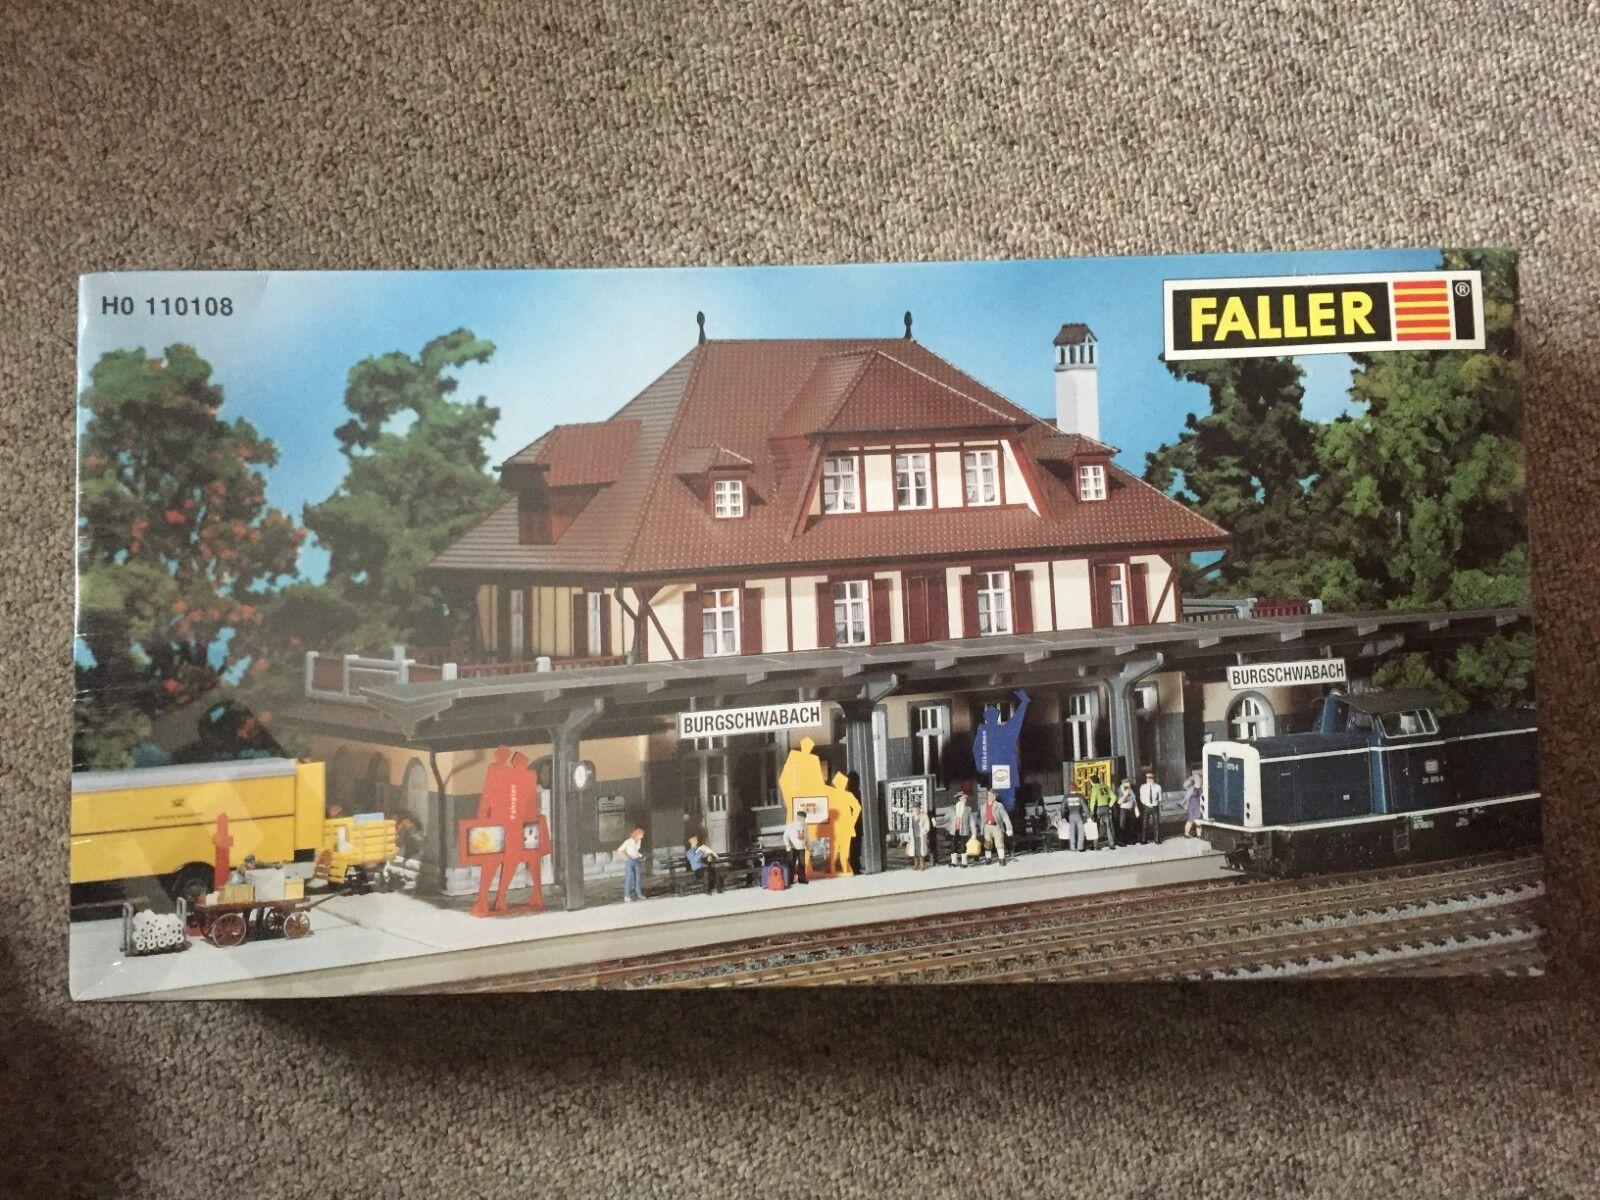 ahorra hasta un 30-50% de descuento 110108 Faller, kit la estación  burgschwabach    vemos, sin gastos de envío  el mejor servicio post-venta